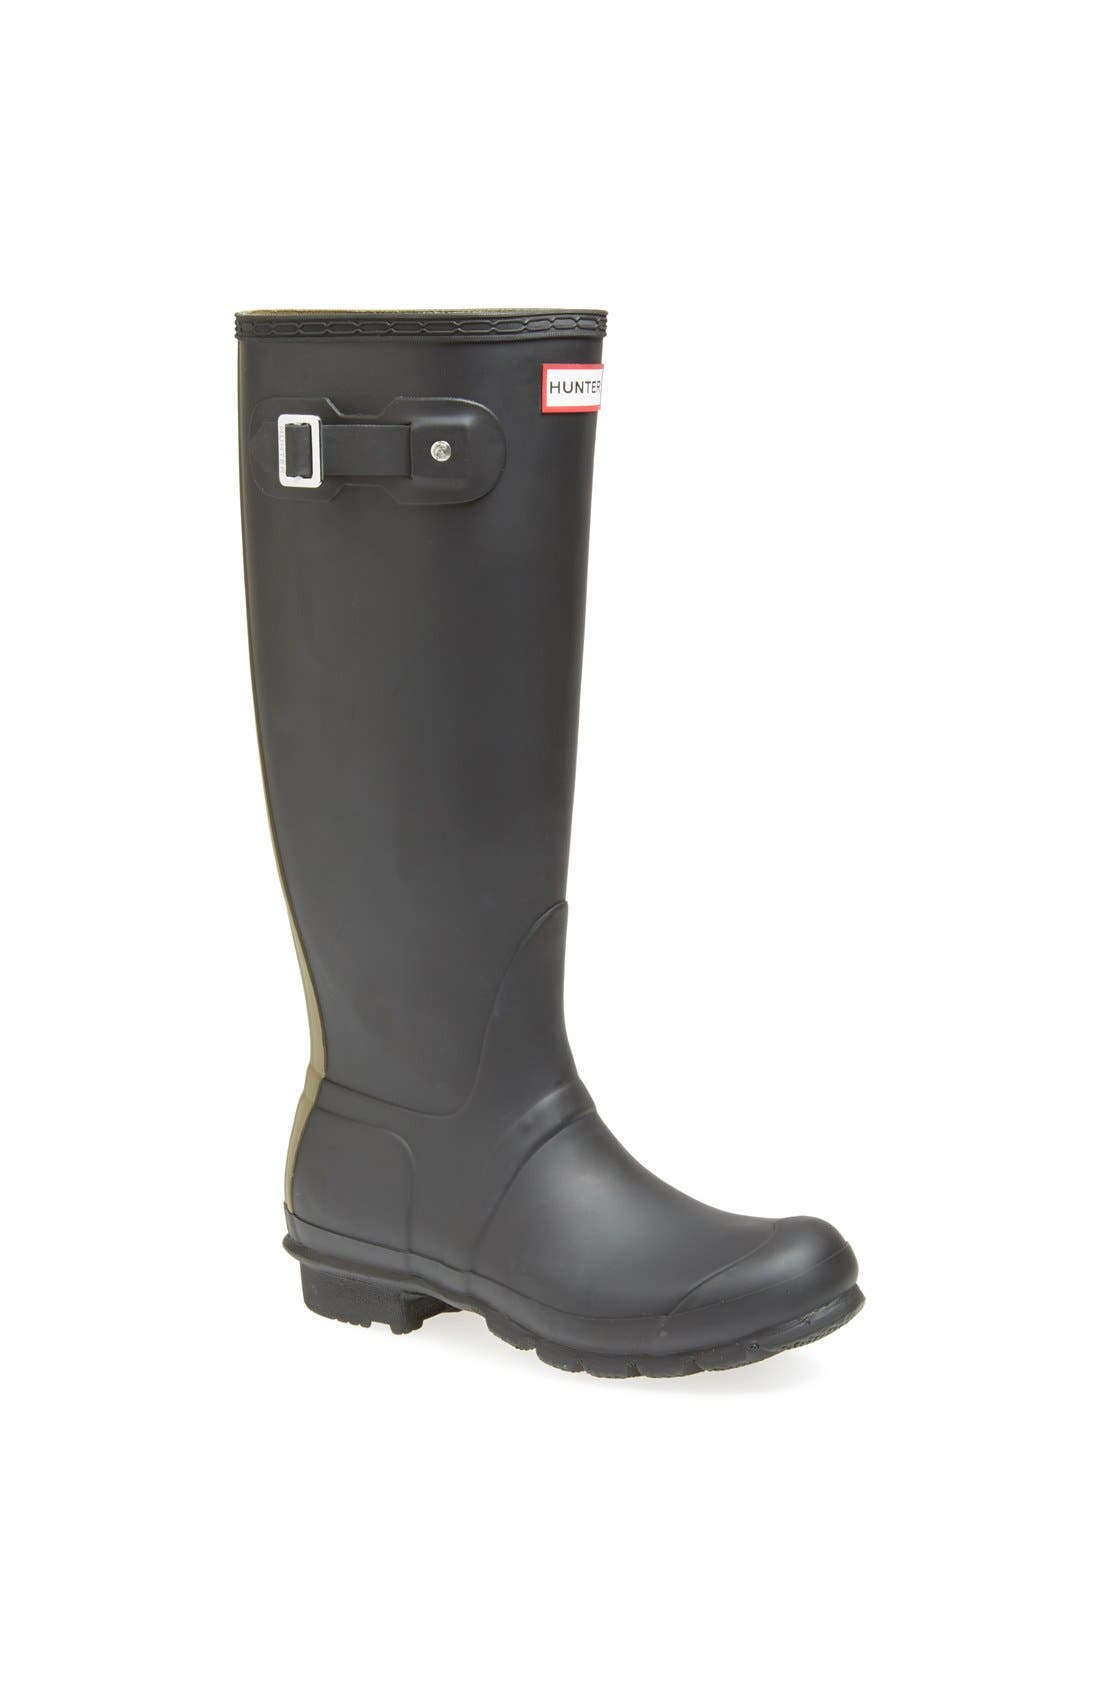 Alternate Image 1 Selected - Hunter 'Original - Stripe' Waterproof Rain Boot (Women)